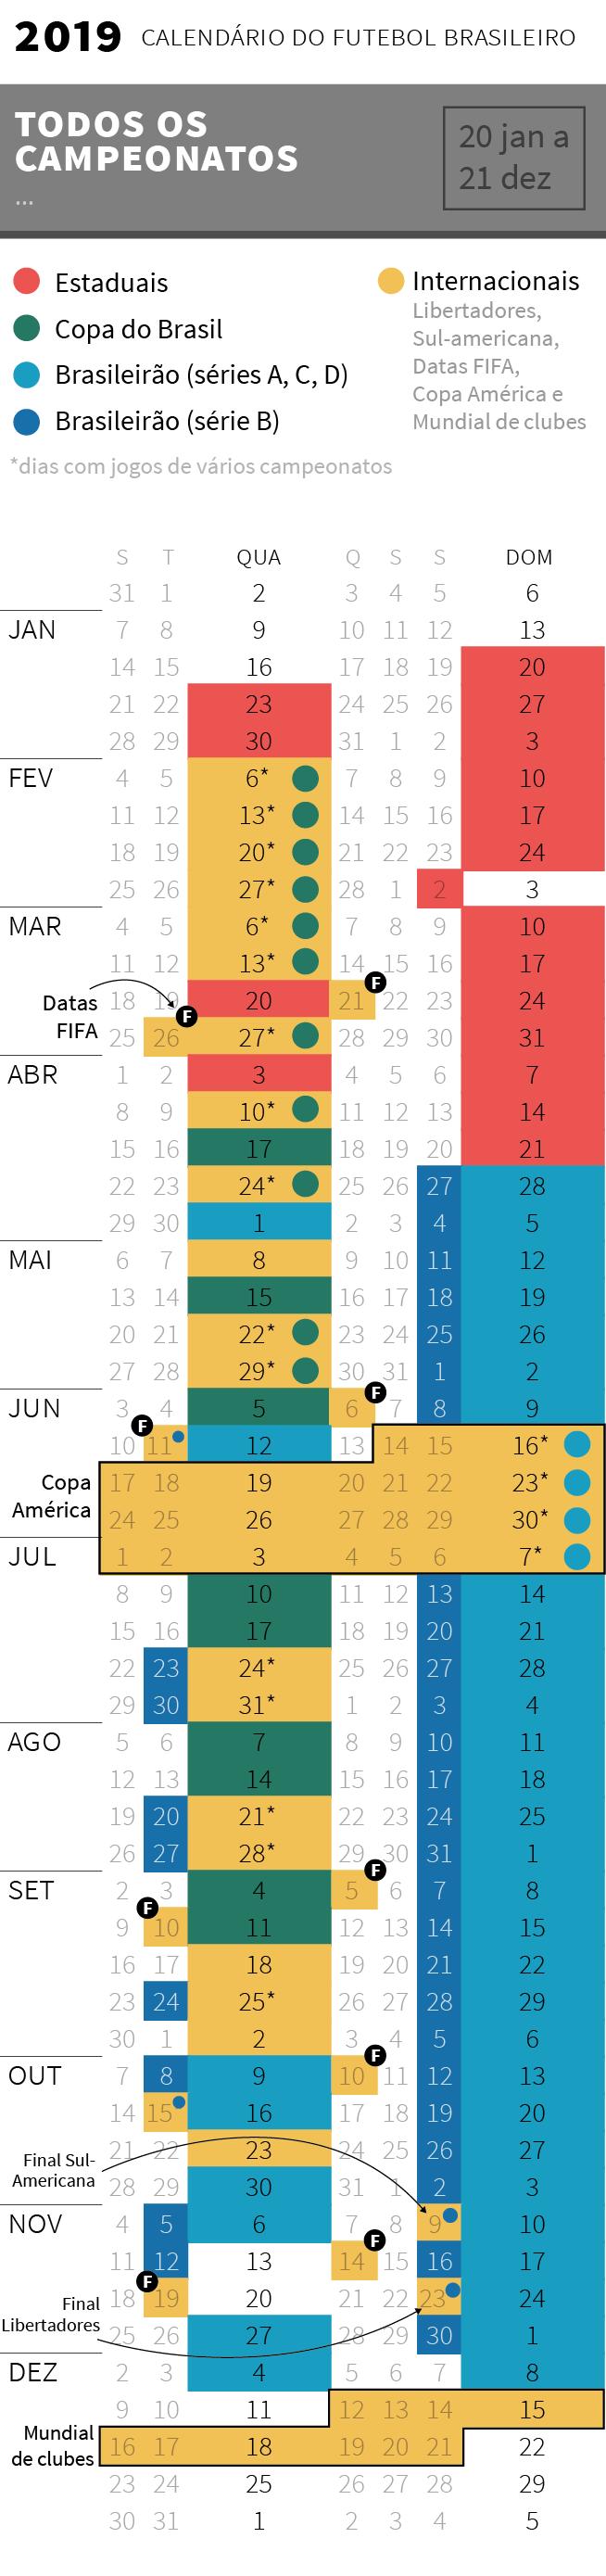 Calendario Do Futebol Brasileiro 2019 Gazeta Do Povo